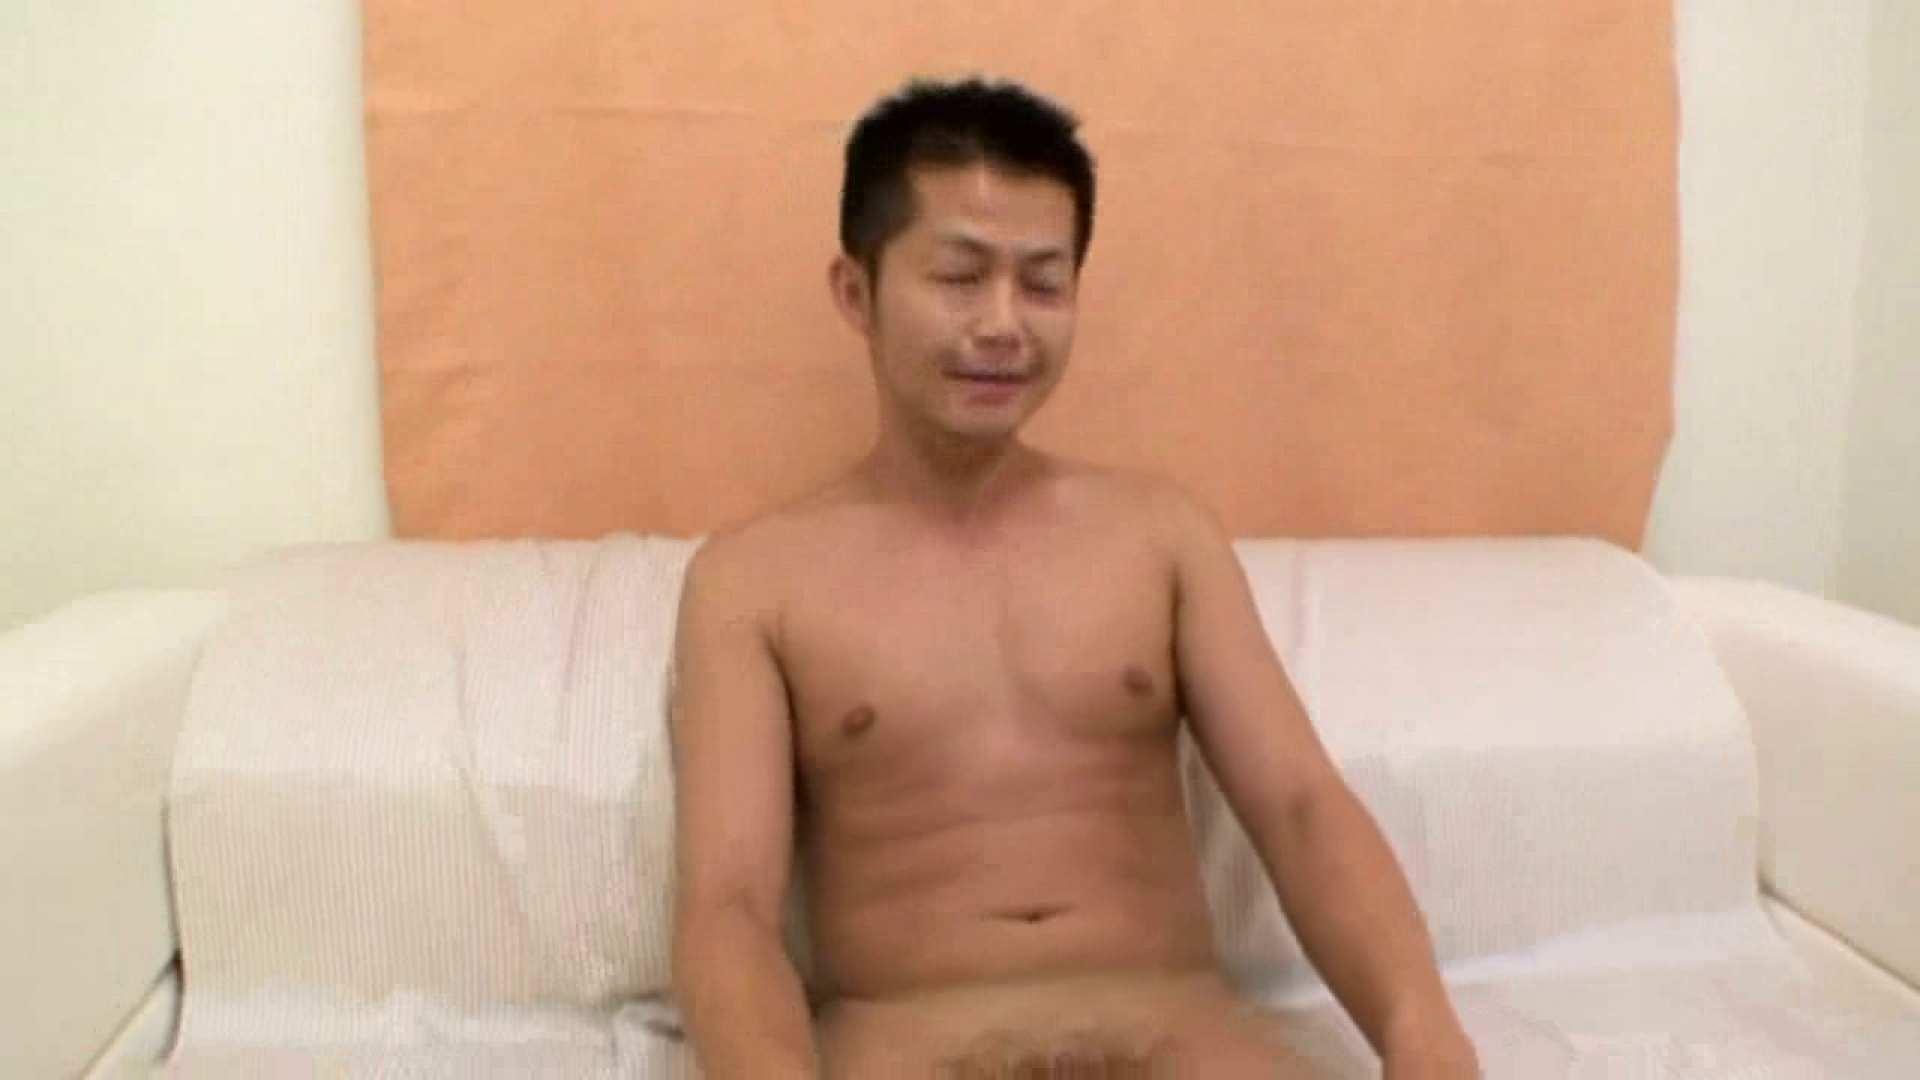 イケメン男子!盛りだくさん! うす消したまらん | マッチョボディ ゲイ肛門画像 60pic 36